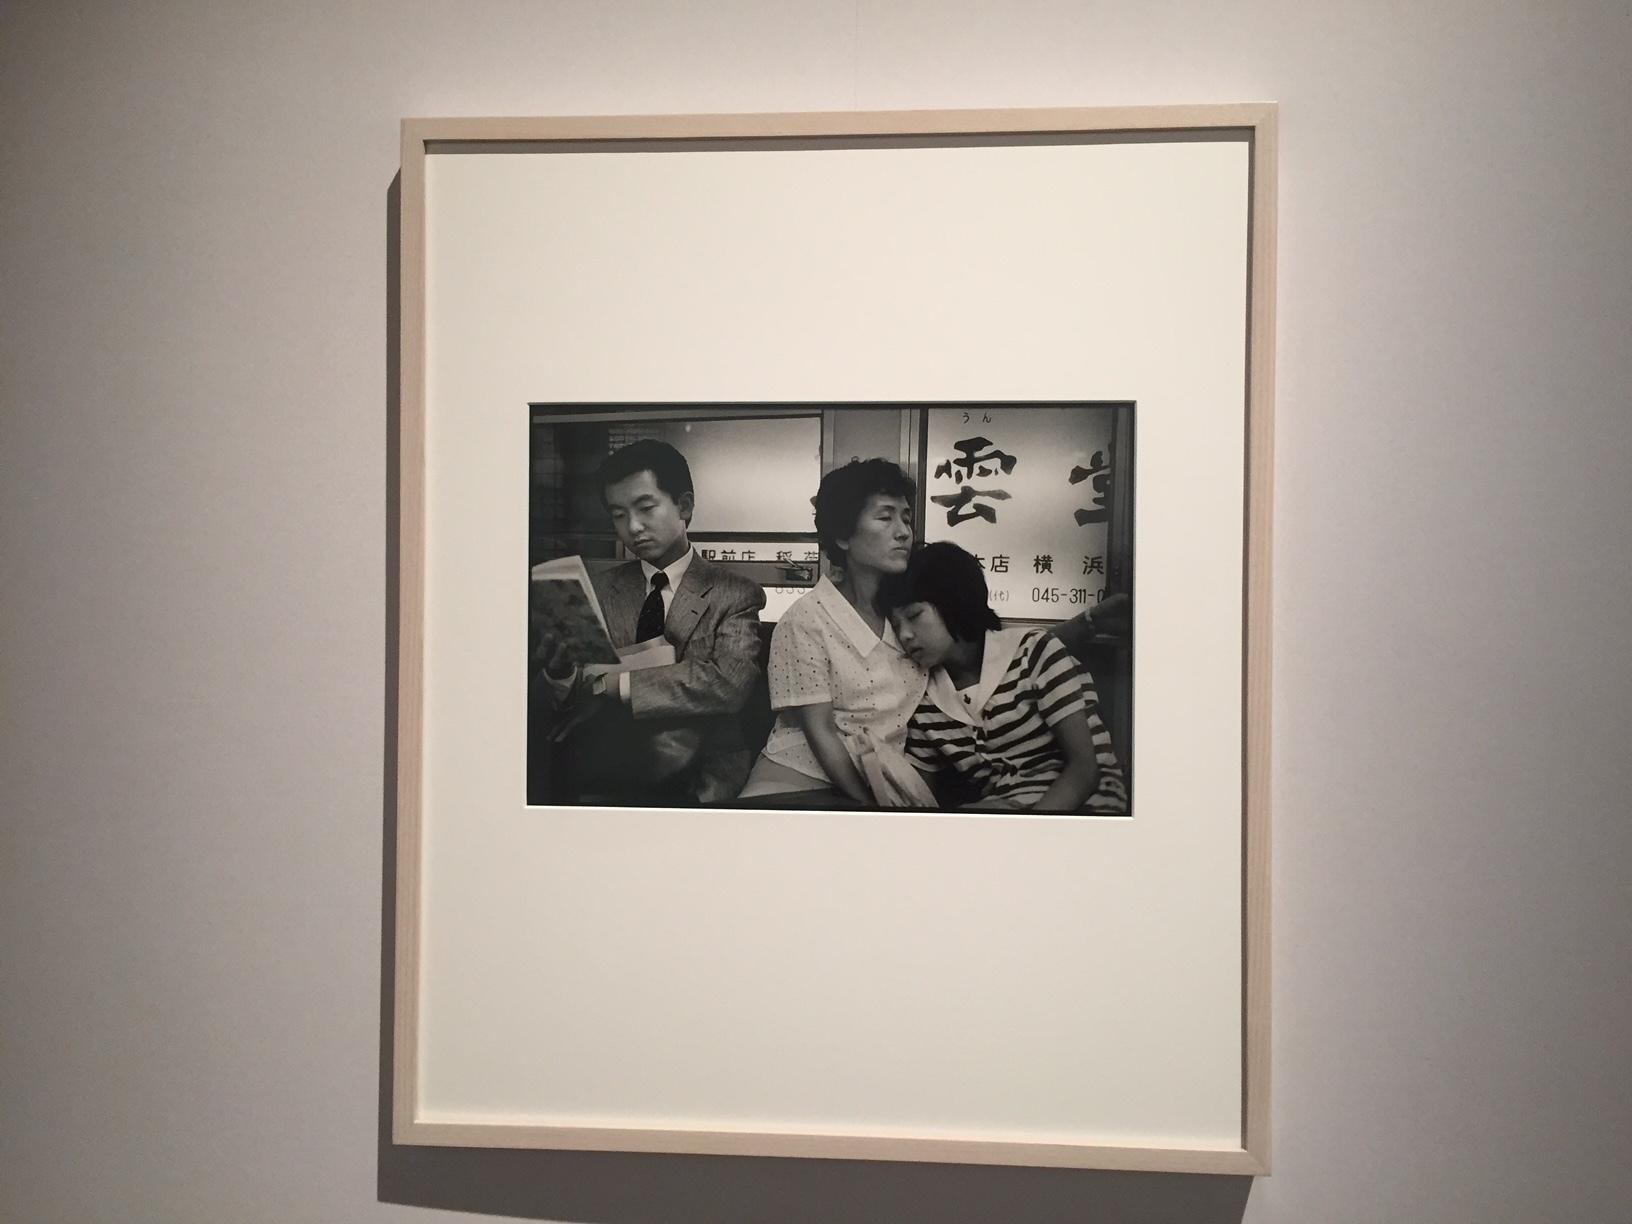 1985年〜2008年に日本で撮影された写真